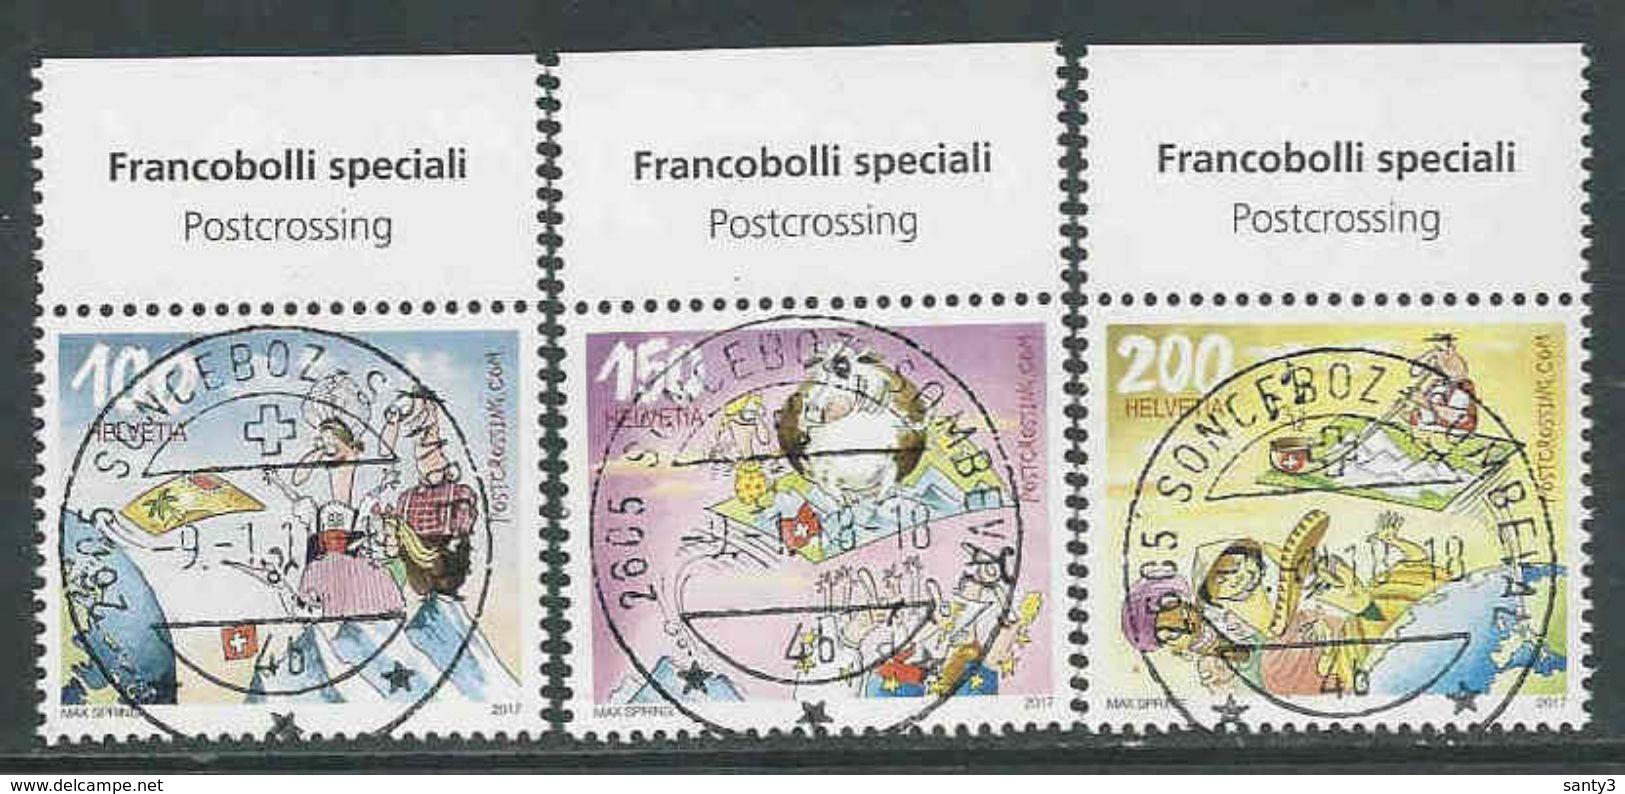 Zwitserland, Mi  2500-02 Jaar 2017, Reeks,  Prachtig Gestempeld, Zie Scan - Oblitérés